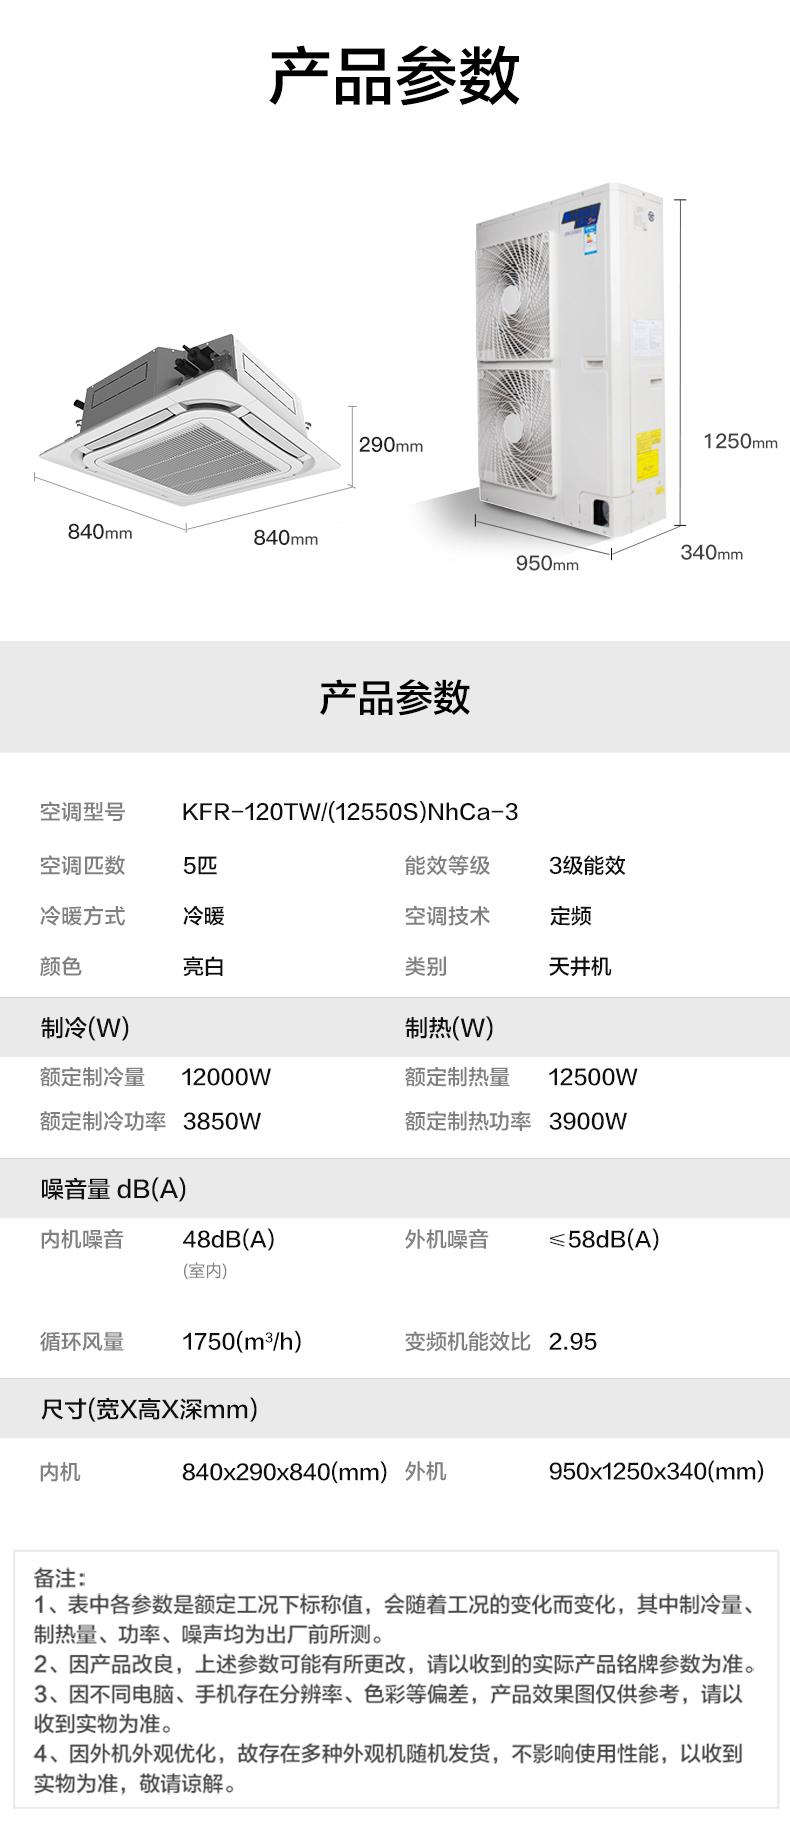 烟台格力空调 五匹天井机KFR-120TW/(12550S)NhCa-3(图13)